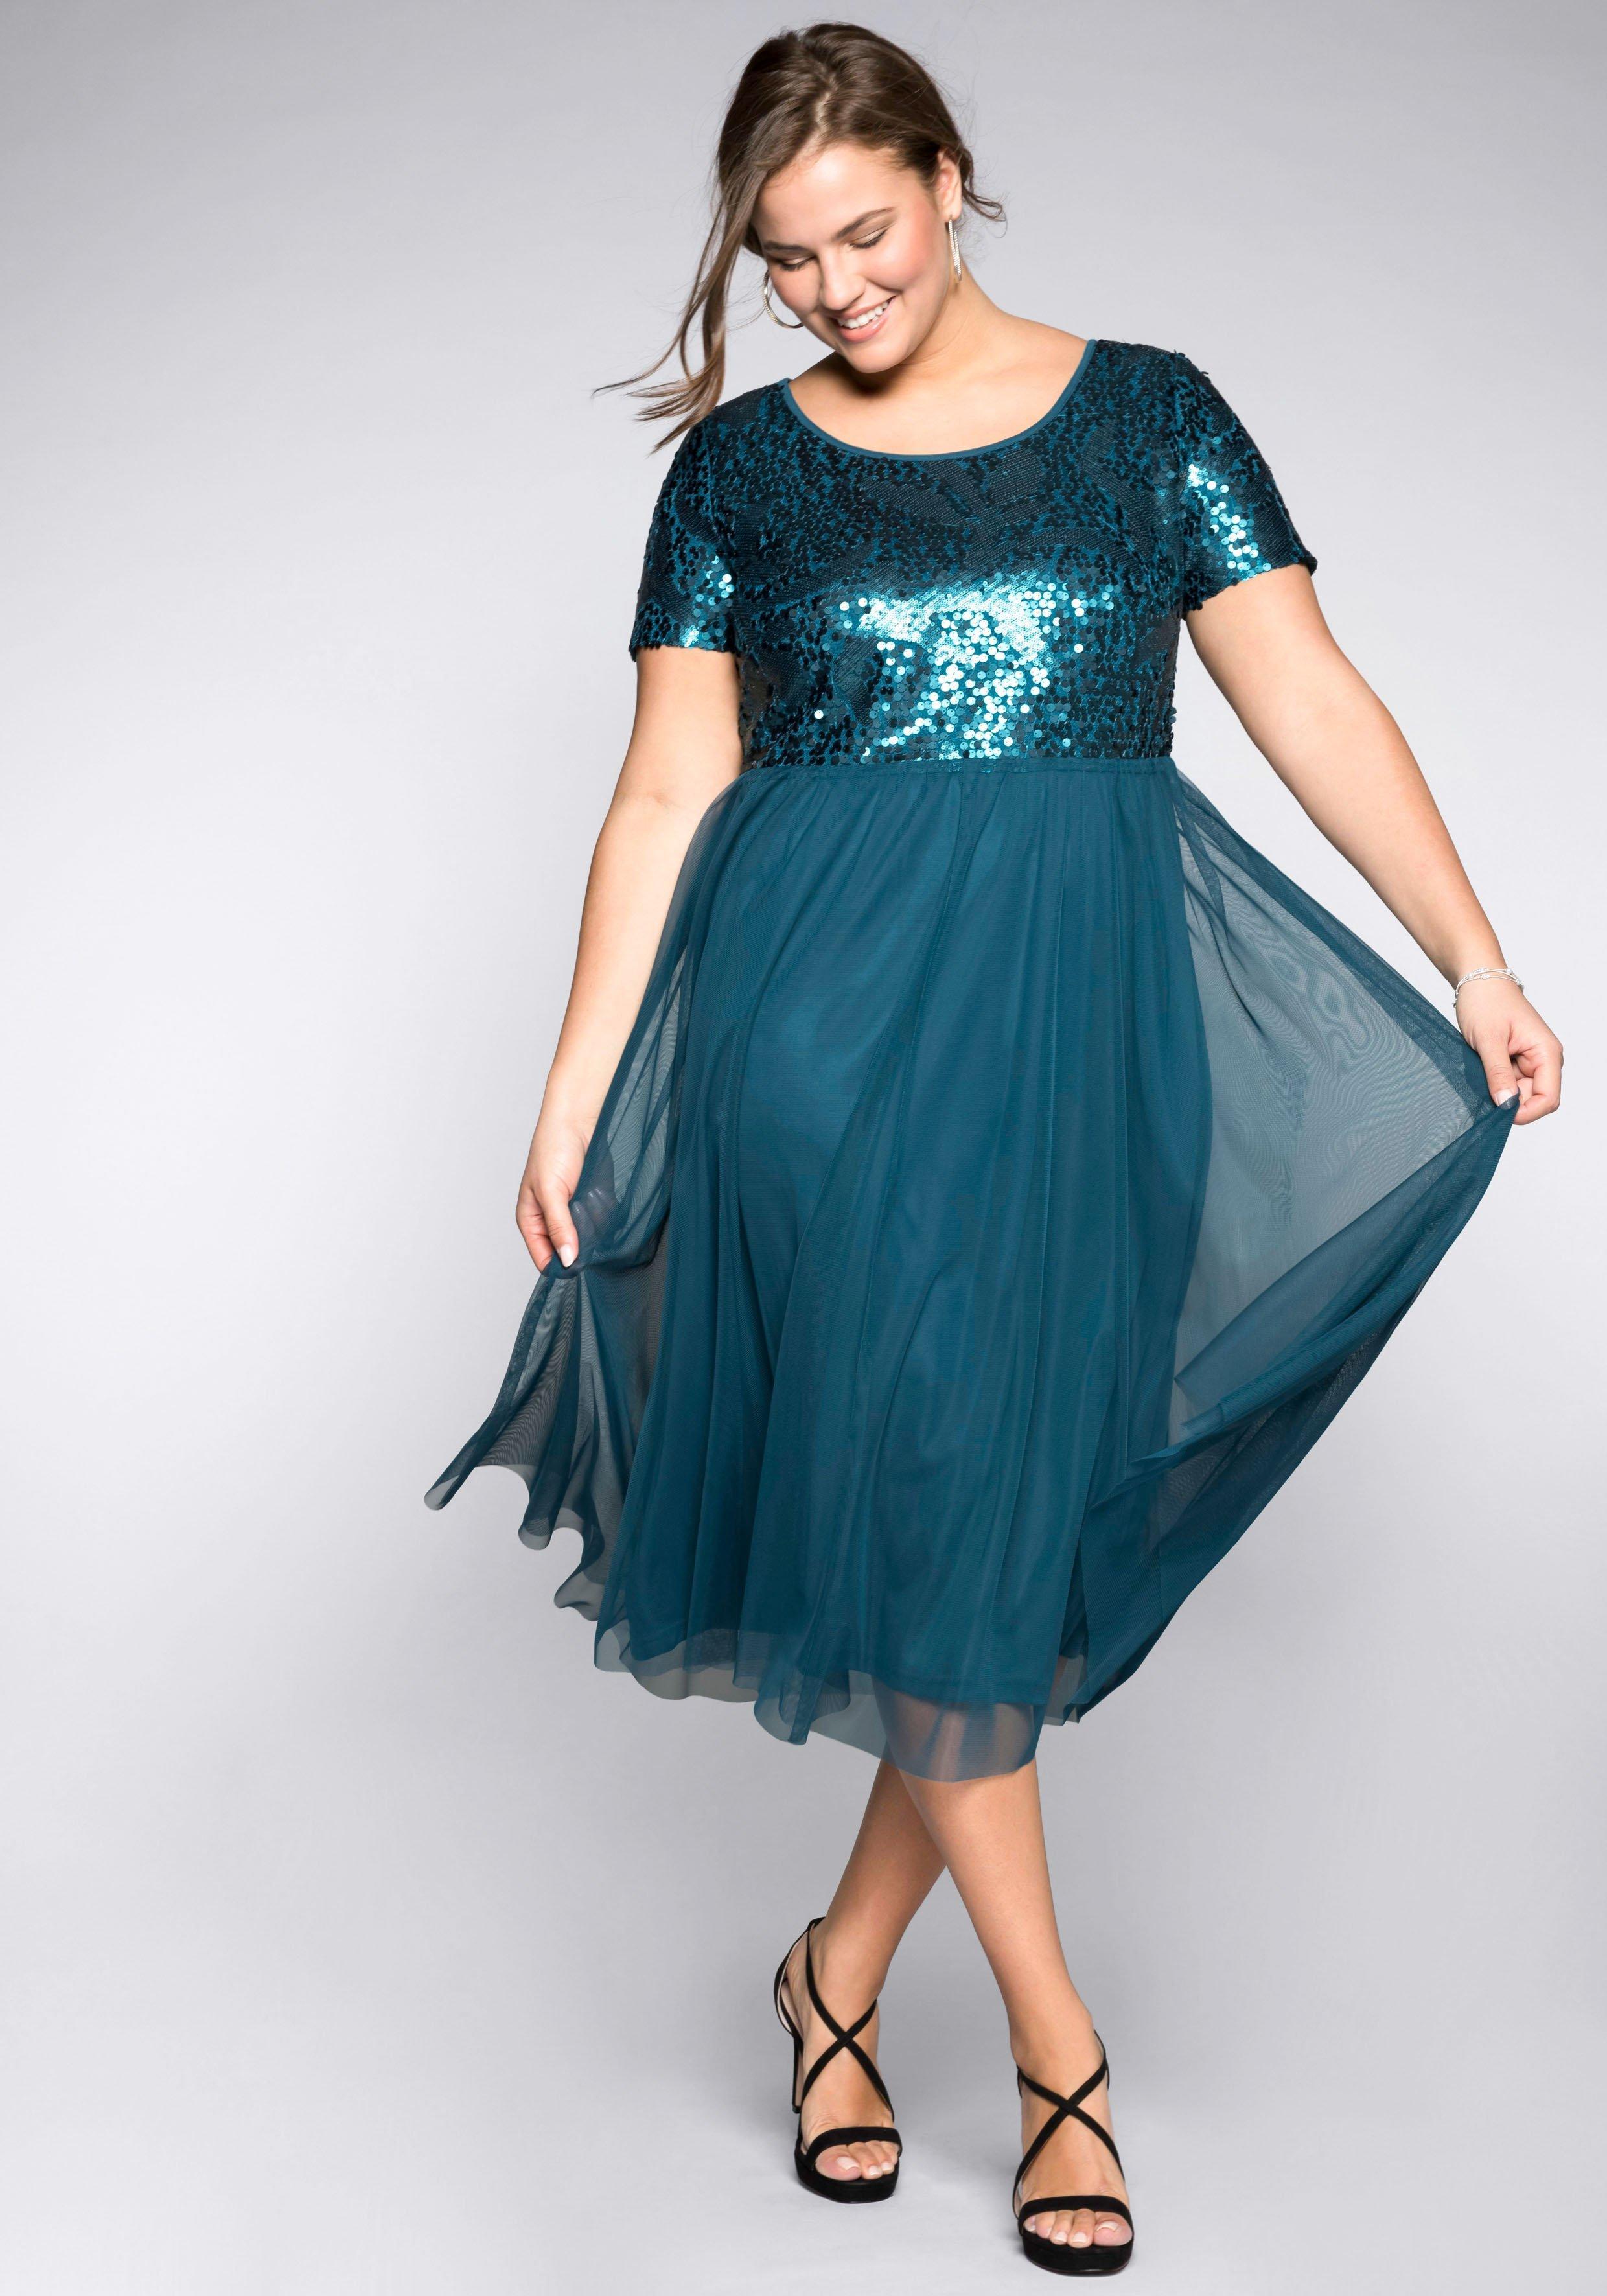 Große Größen: Abendkleid mit Pailletten, d...